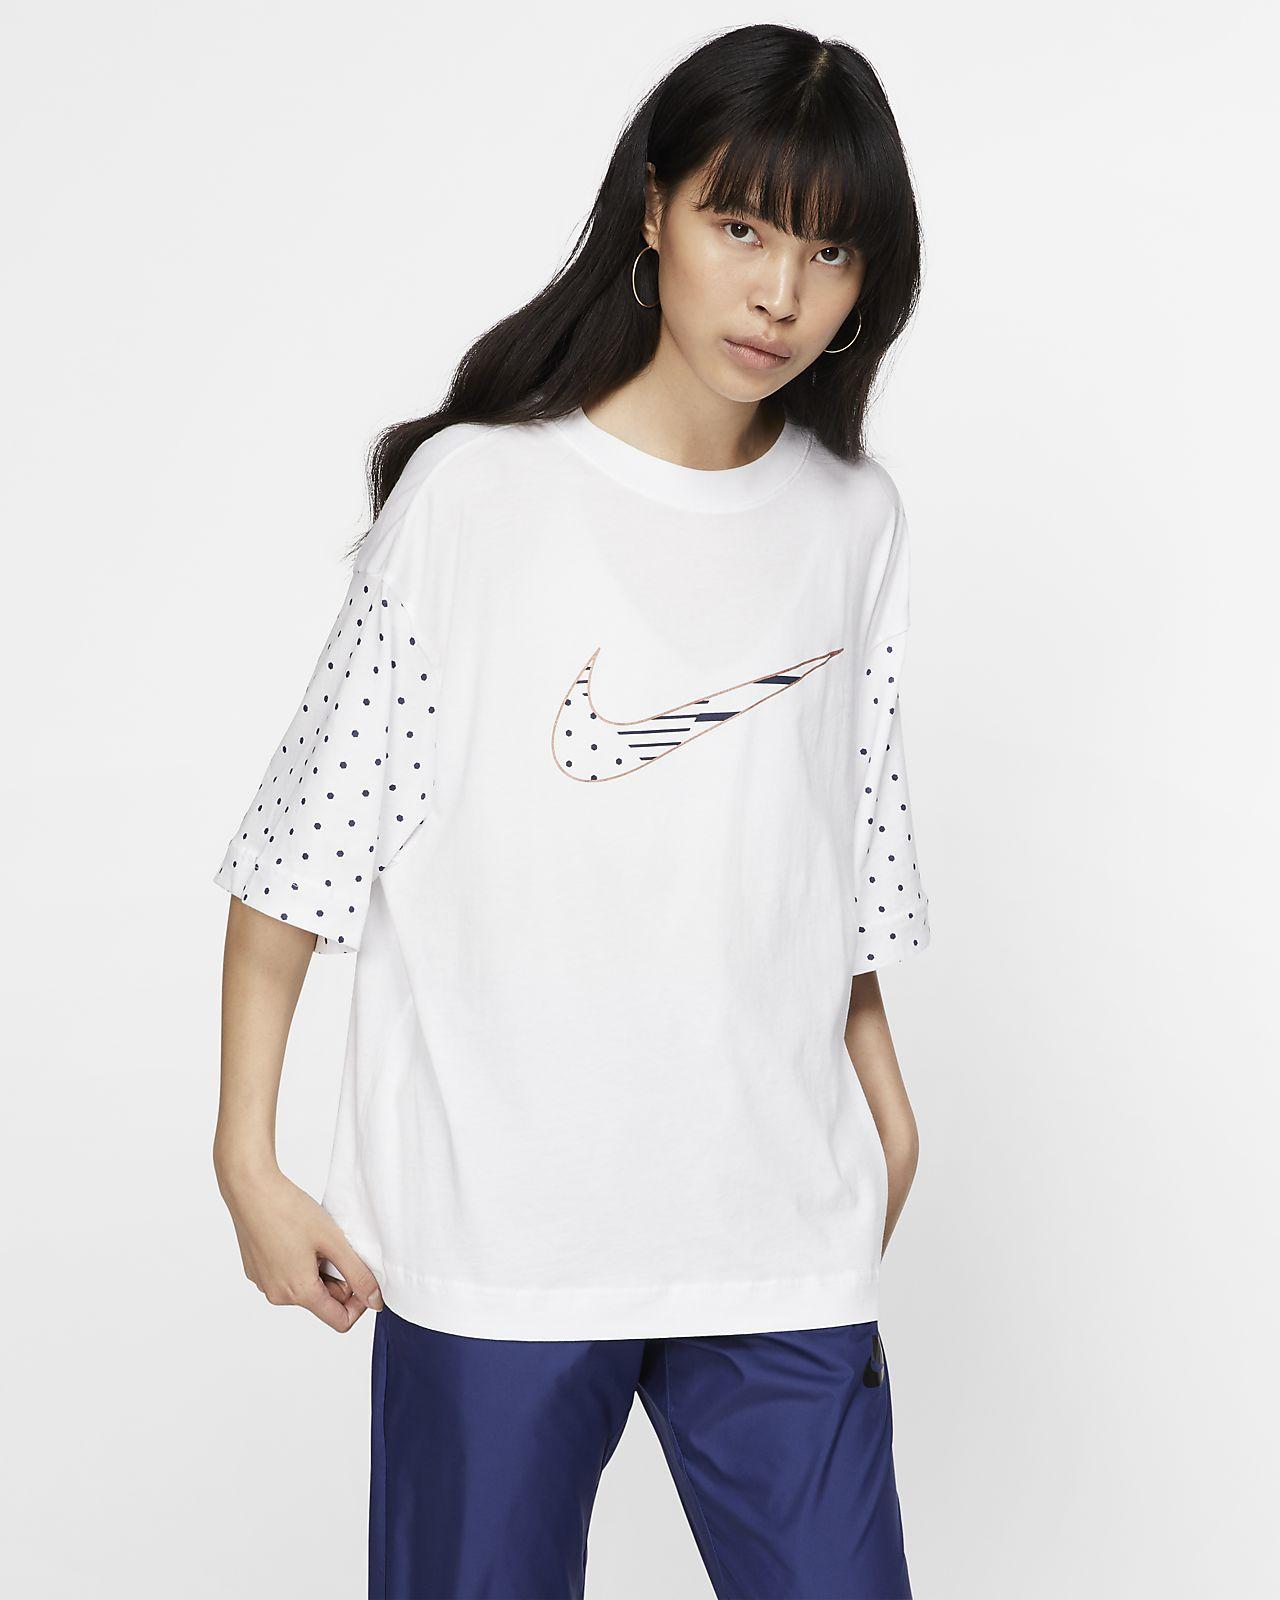 Nike Sportswear Unité Totale Women's Short-Sleeve Top